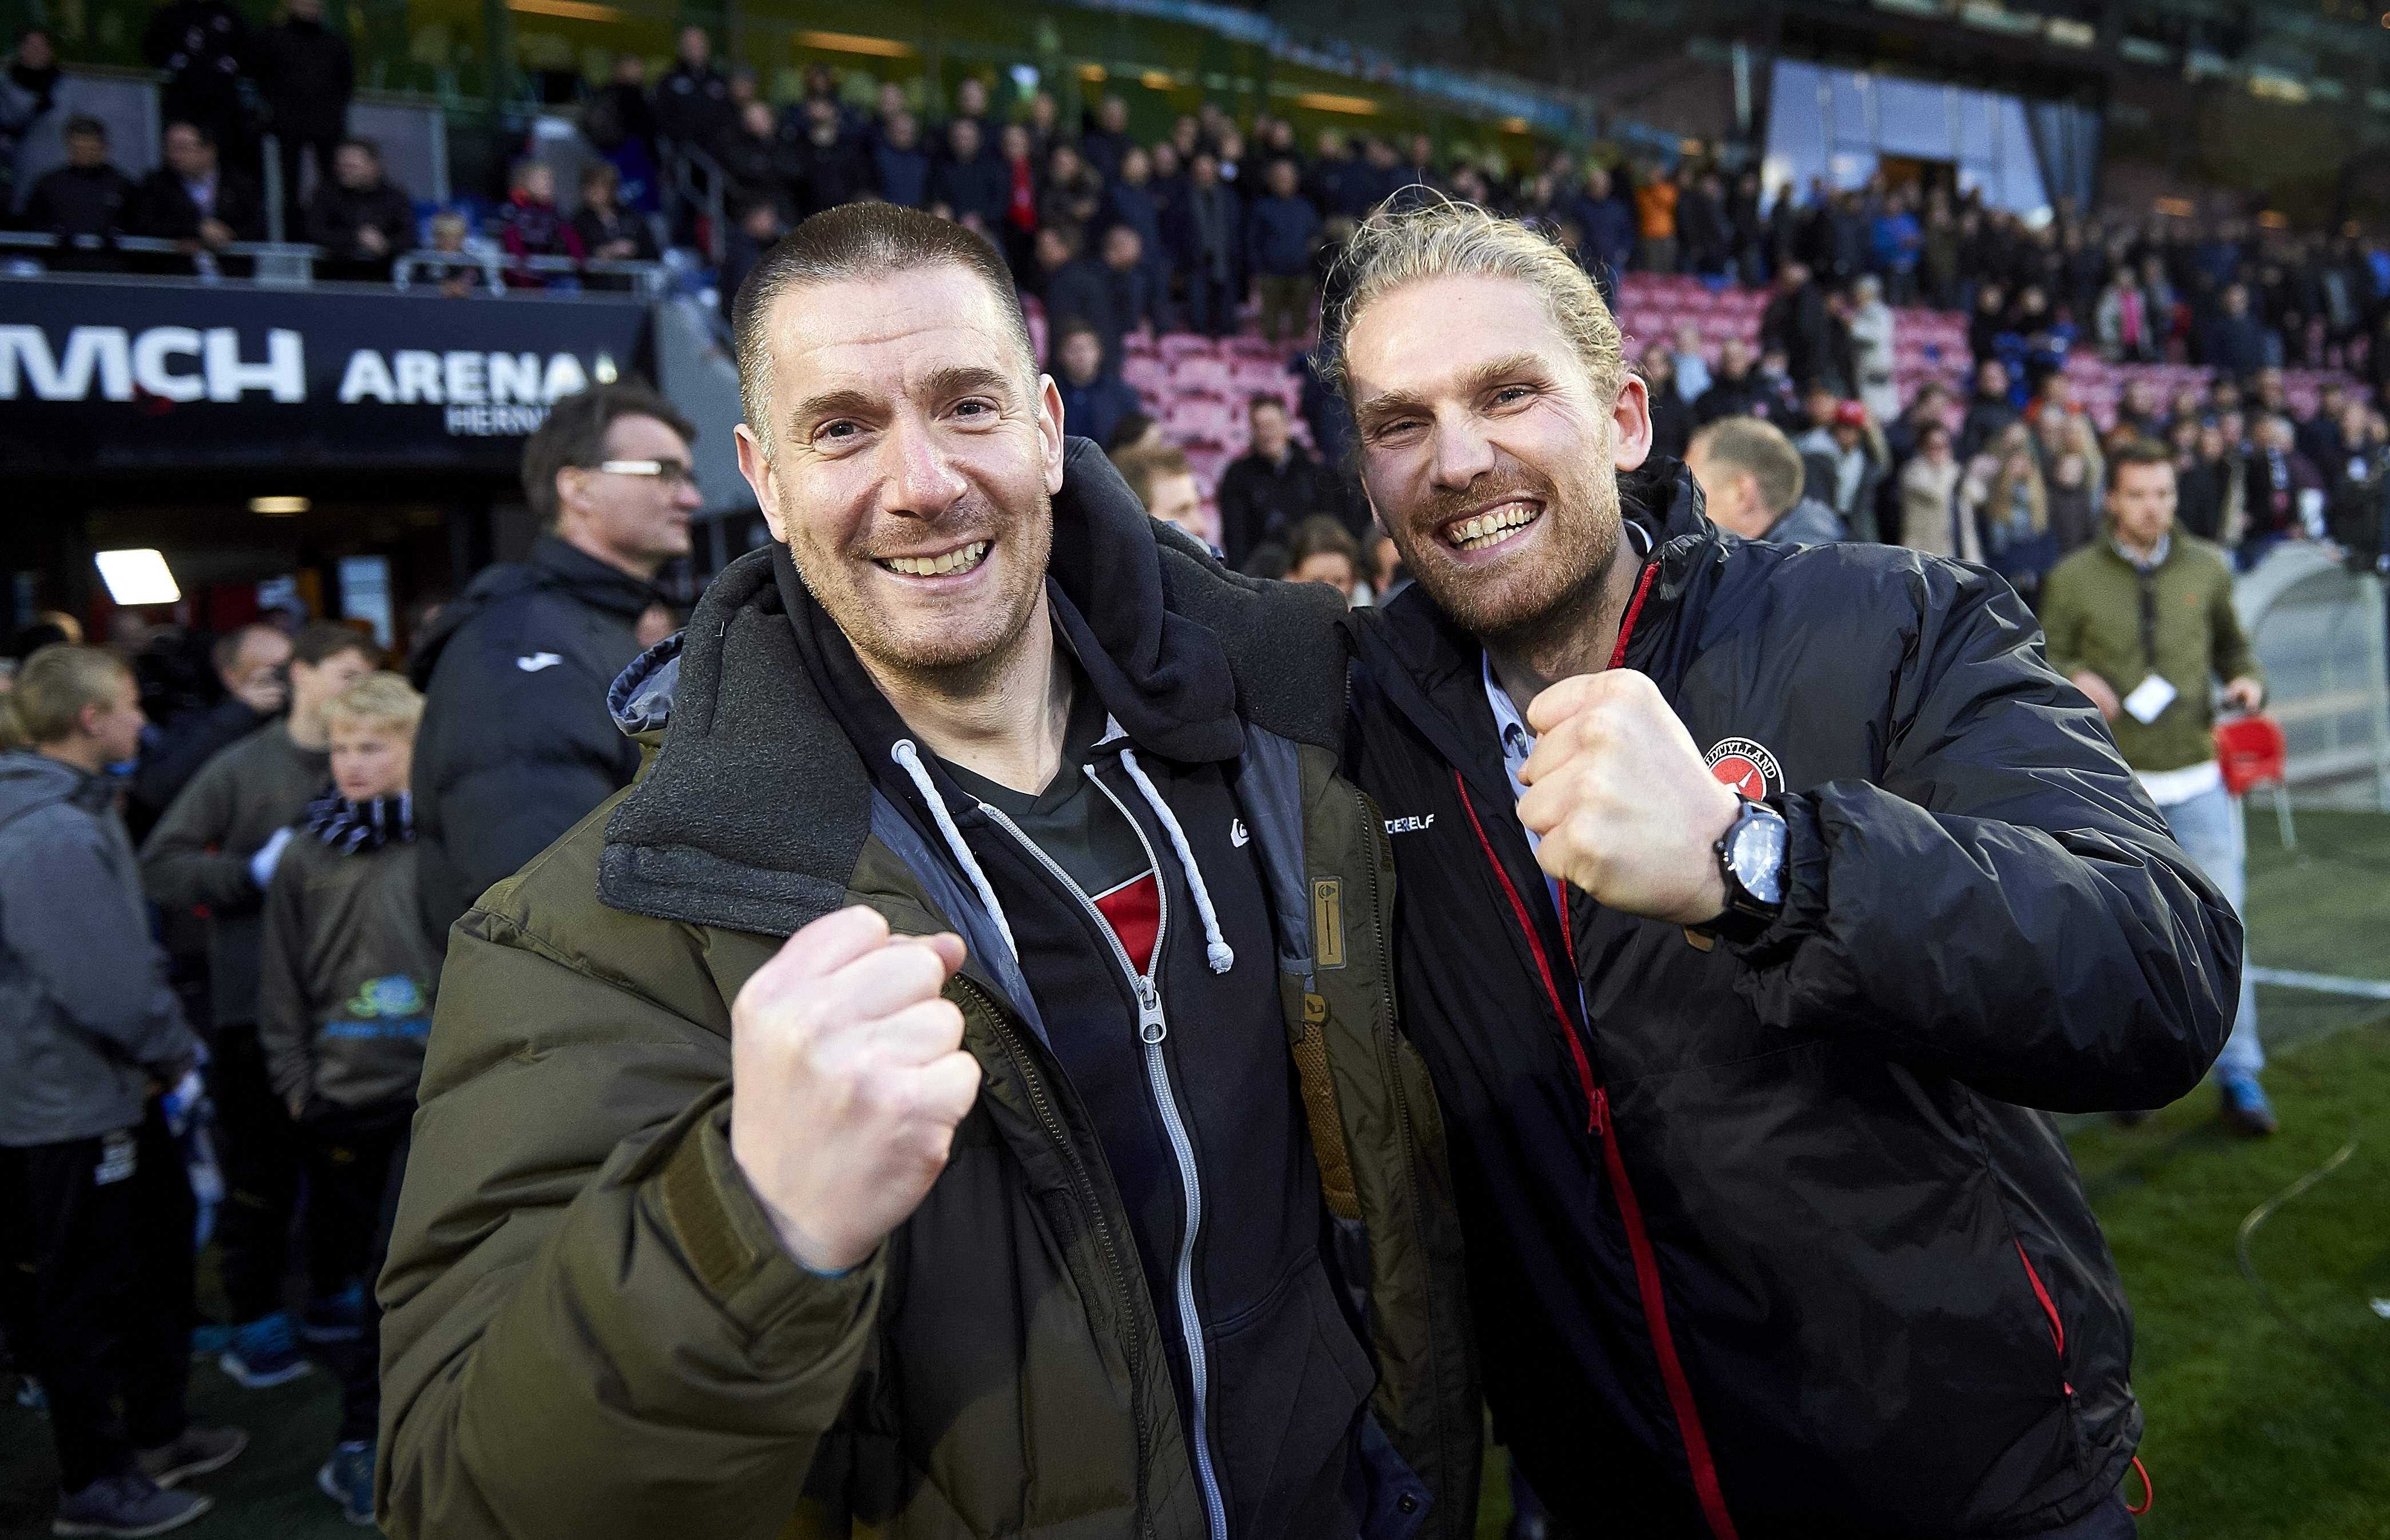 Невероятный «Брентфорд» поднялся в АПЛ: Модель «Маниболла», 7 датчан в составе и новый Олли Уоткинс